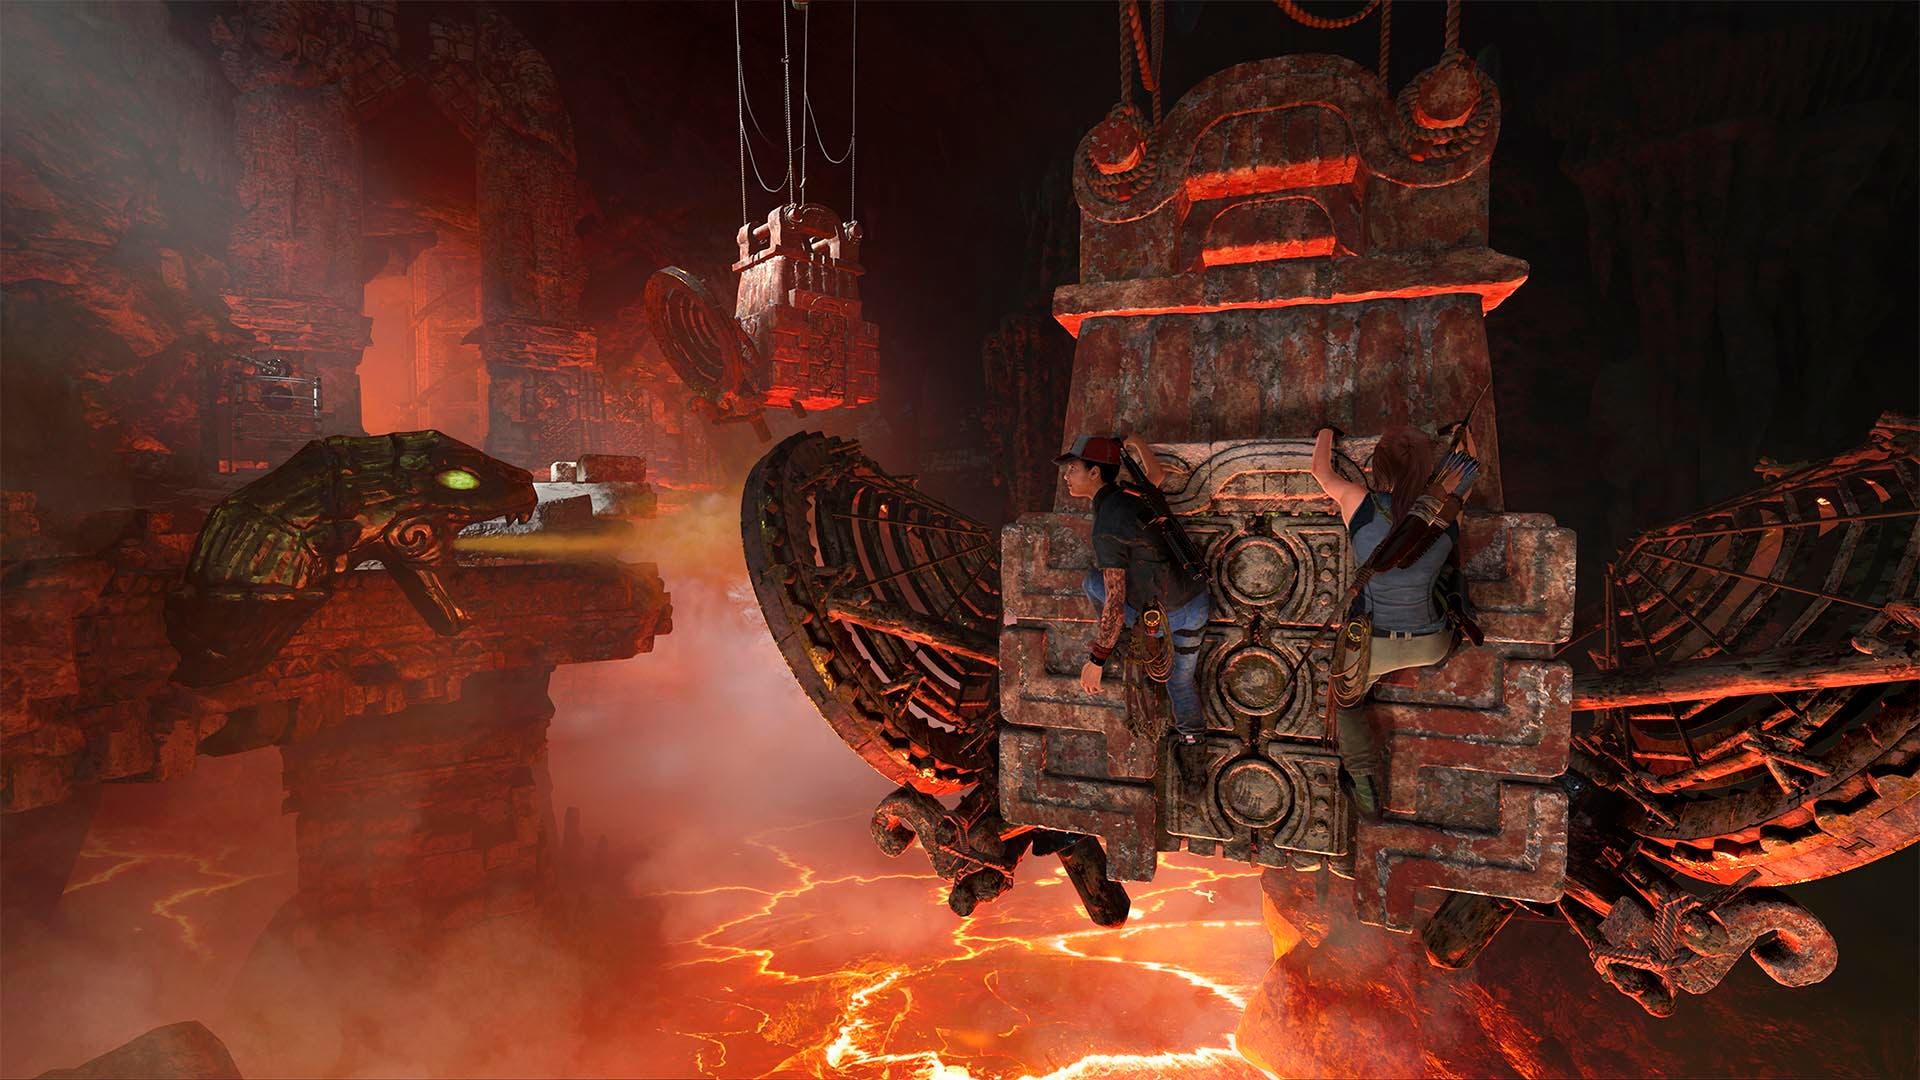 Shadow of the Tomb Raider presenta La Fragua, su primer contenido descargable 2